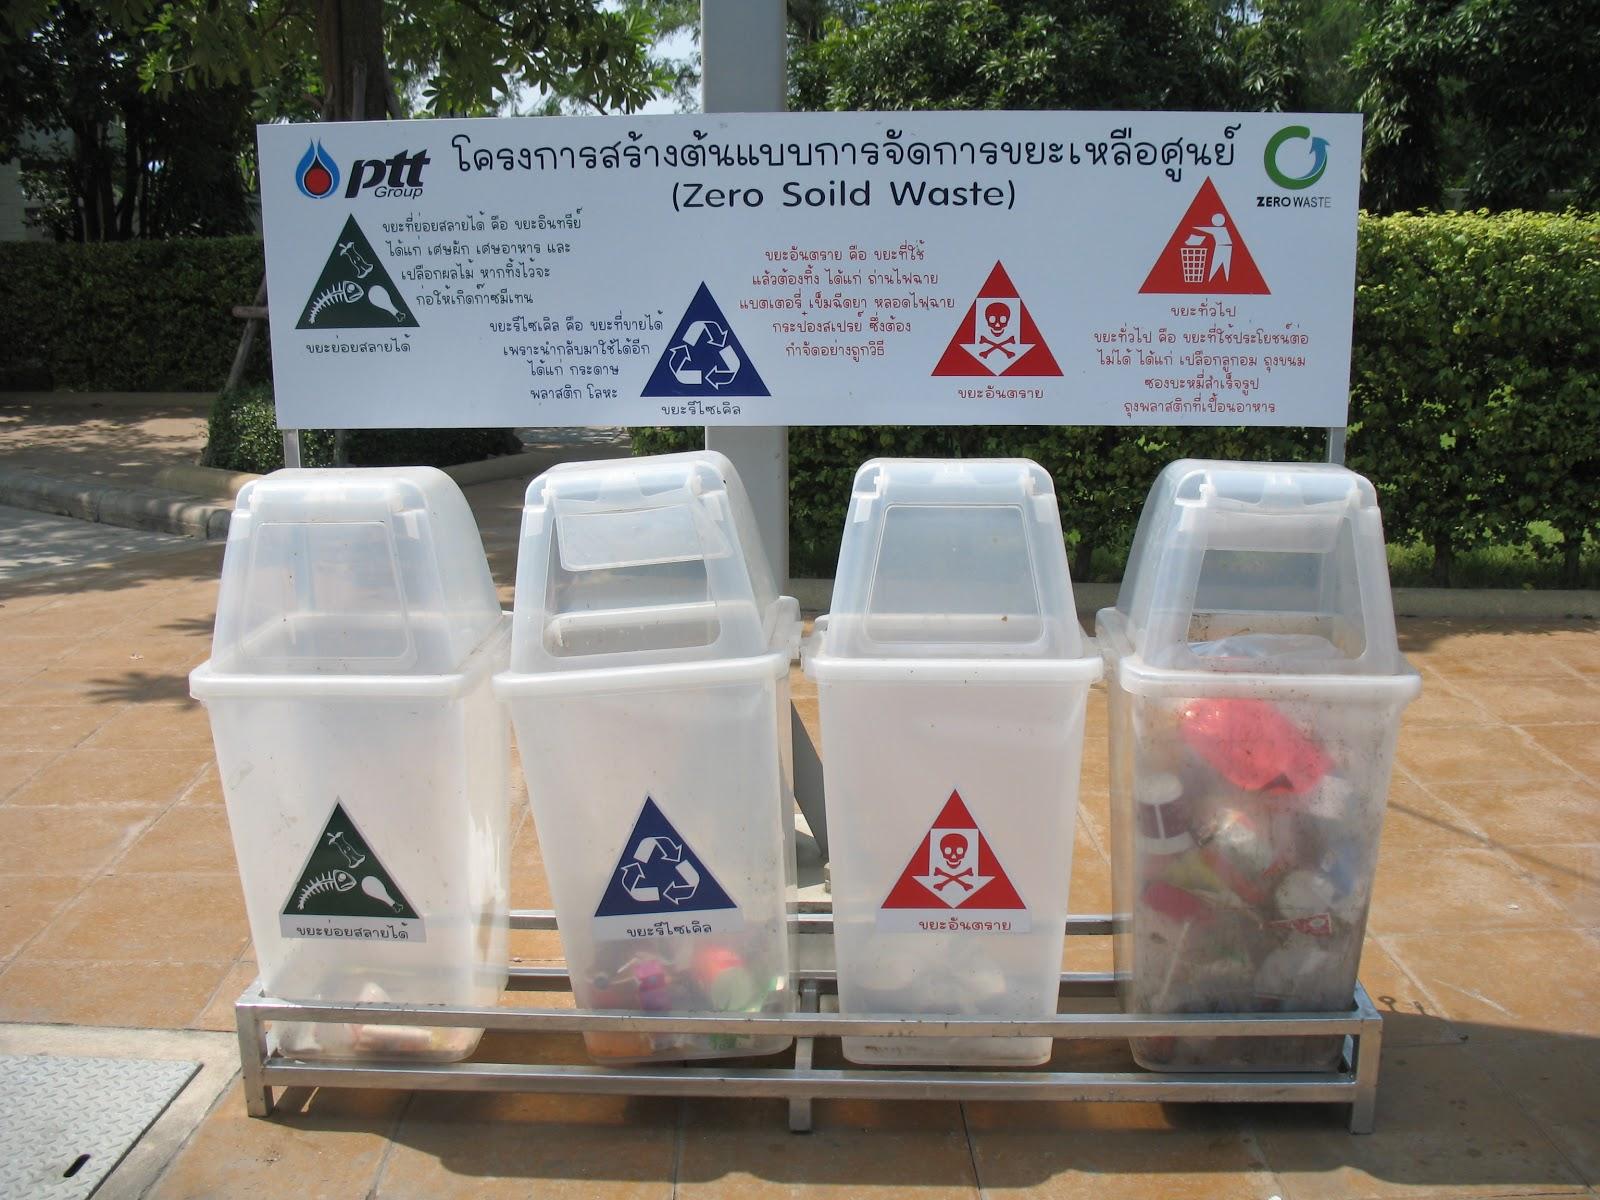 การจัดการขยะ การแยกประเภทของขยะ ถังขยะ